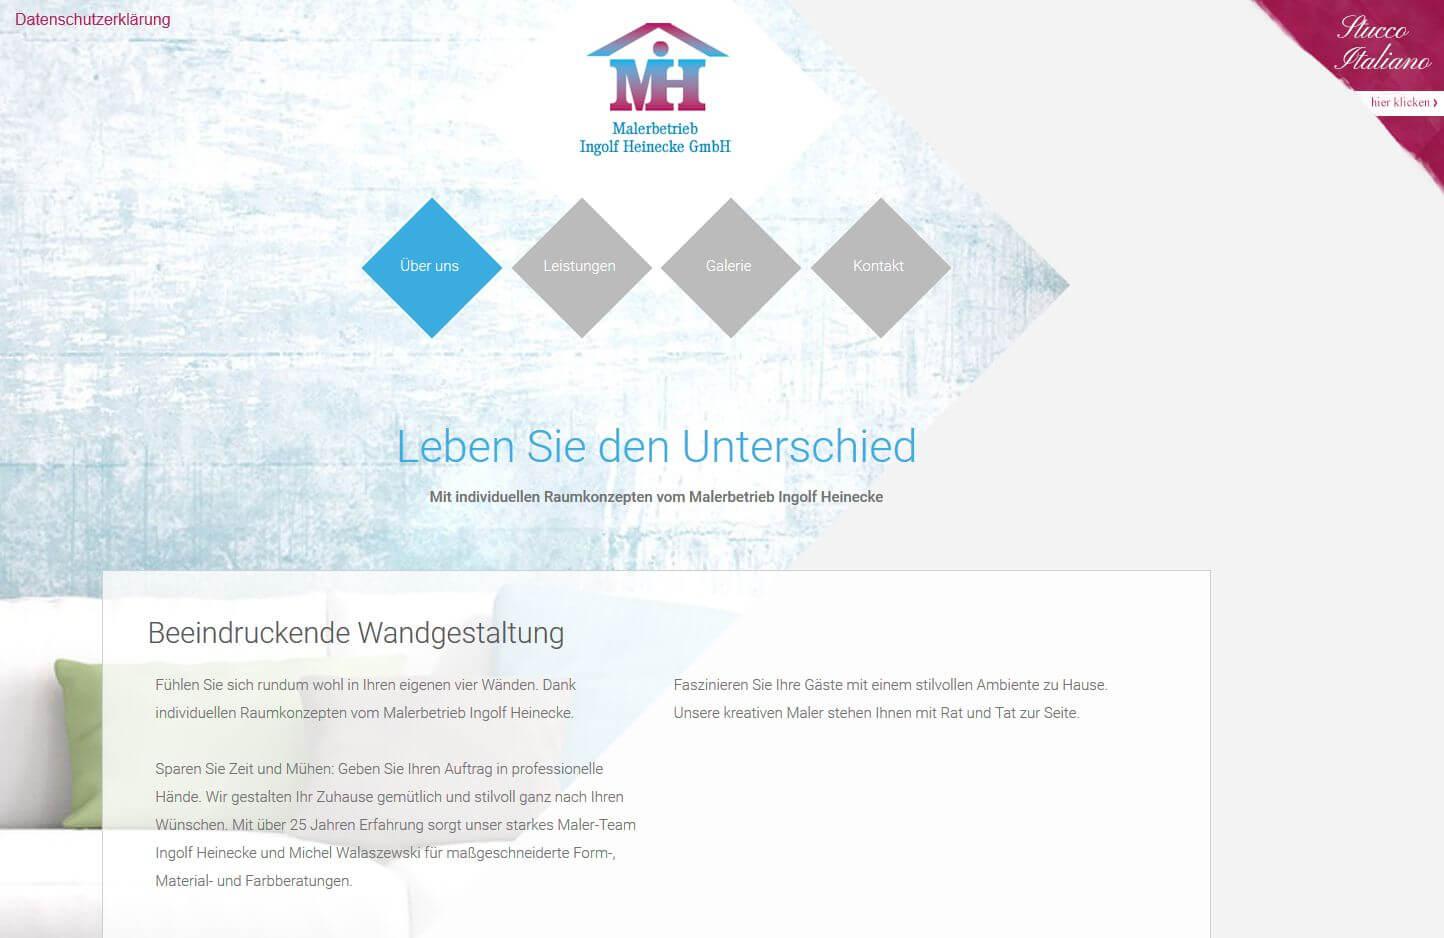 Image of Hochwertige Fußbodenverlegearbeiten in Neuenhagen: Malerbetrieb Ingolf Heinecke GmbH